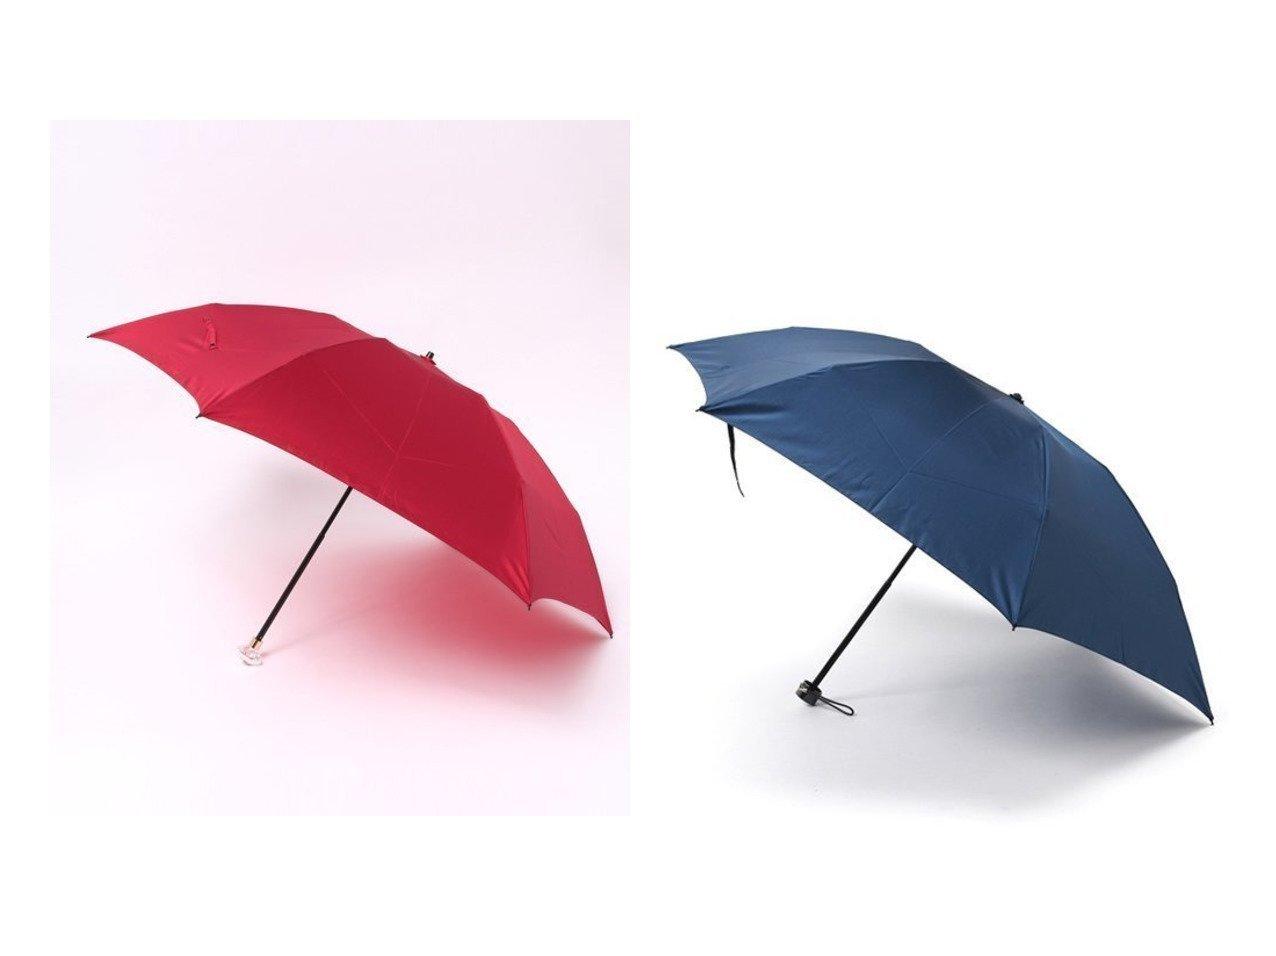 【WAKAO/ワカオ】の折りたたみ傘&折りたたみ傘 おすすめ!人気、トレンド・レディースファッションの通販 おすすめで人気の流行・トレンド、ファッションの通販商品 メンズファッション・キッズファッション・インテリア・家具・レディースファッション・服の通販 founy(ファニー) https://founy.com/ ファッション Fashion レディースファッション WOMEN 傘 / レイングッズ Umbrellas Rainwear エレガント タッセル 傘 再入荷 Restock/Back in Stock/Re Arrival |ID:crp329100000012708